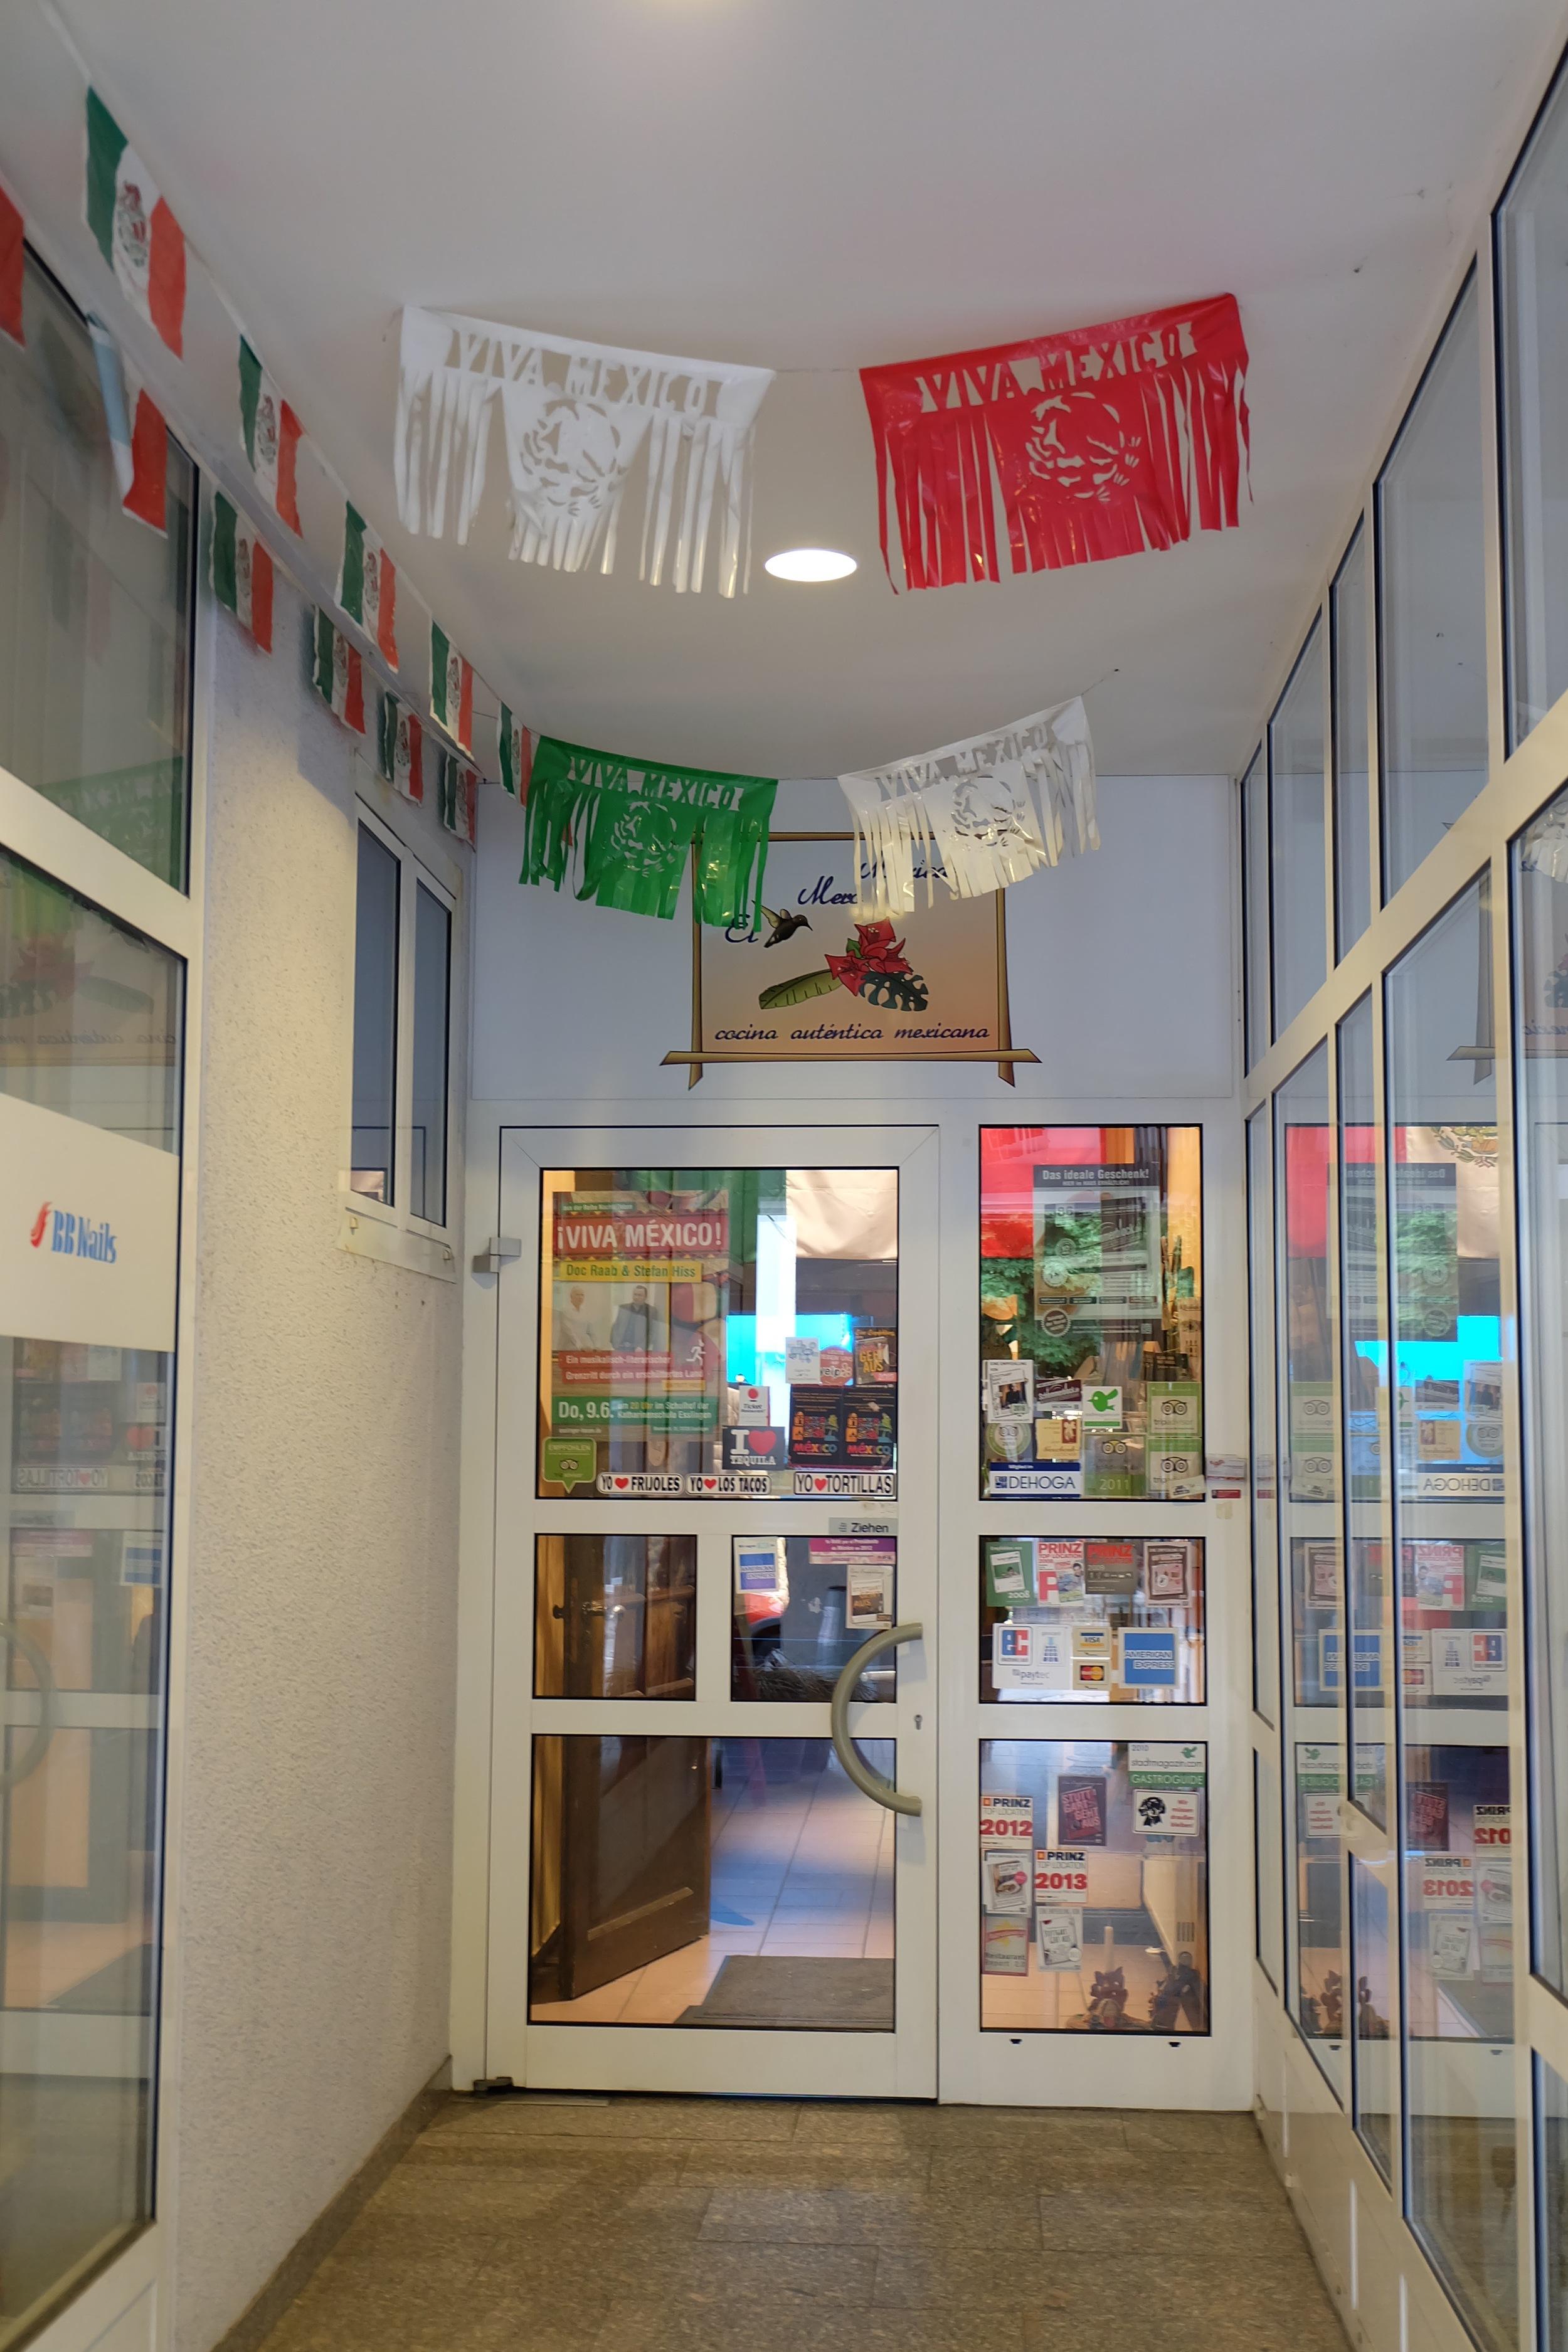 The entrance to  El Mero Mexicano